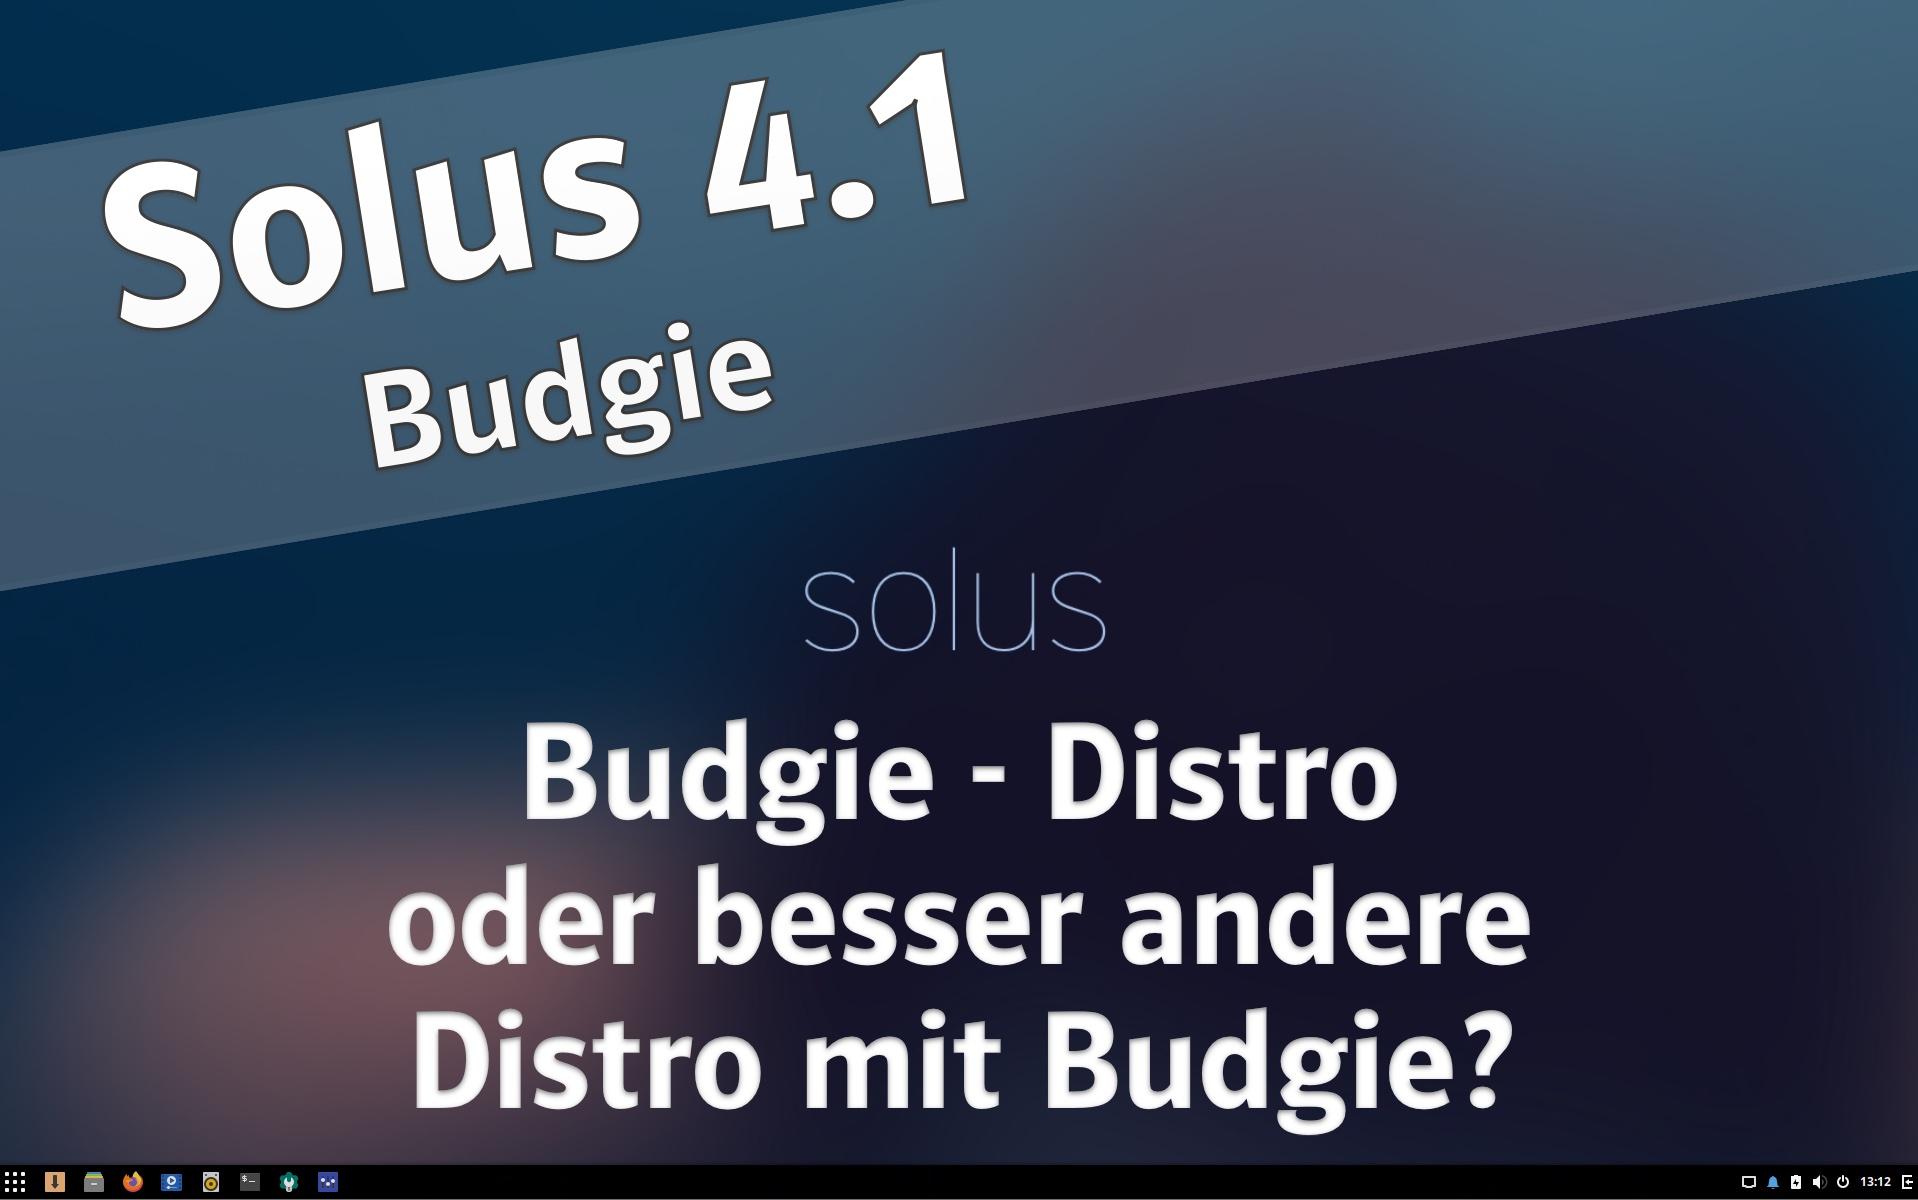 Solus 4.1 Budgie